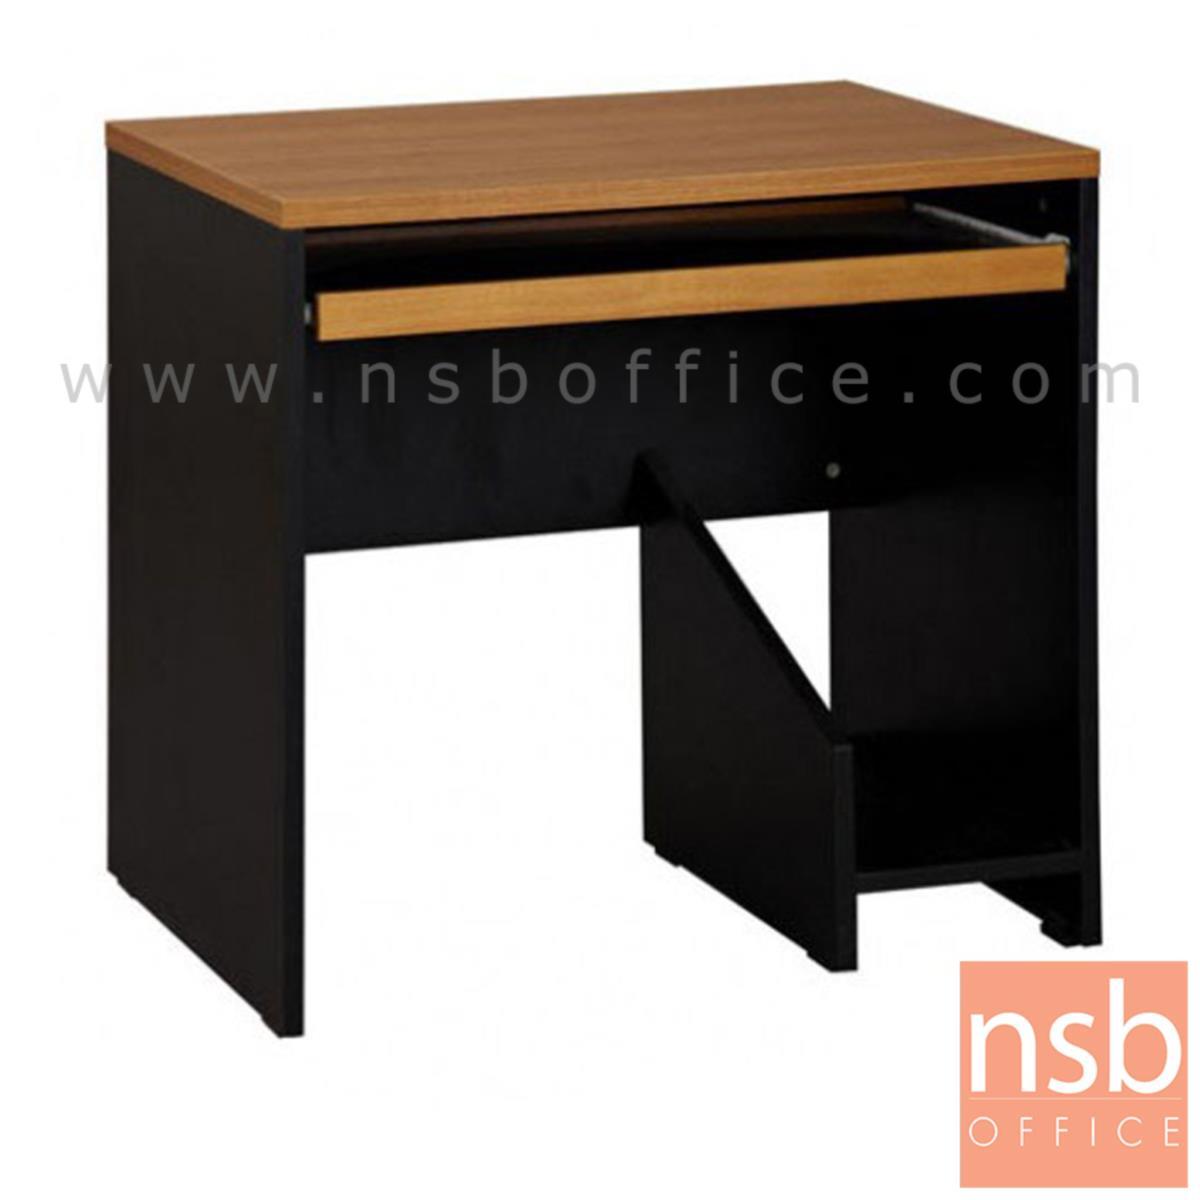 A02A018:โต๊ะคอมพิวเตอร์  รุ่น Bongiovi (บอนโจวี) ขนาด 80W ,100W cm.  พร้อมที่วางซีพียู เมลามีน